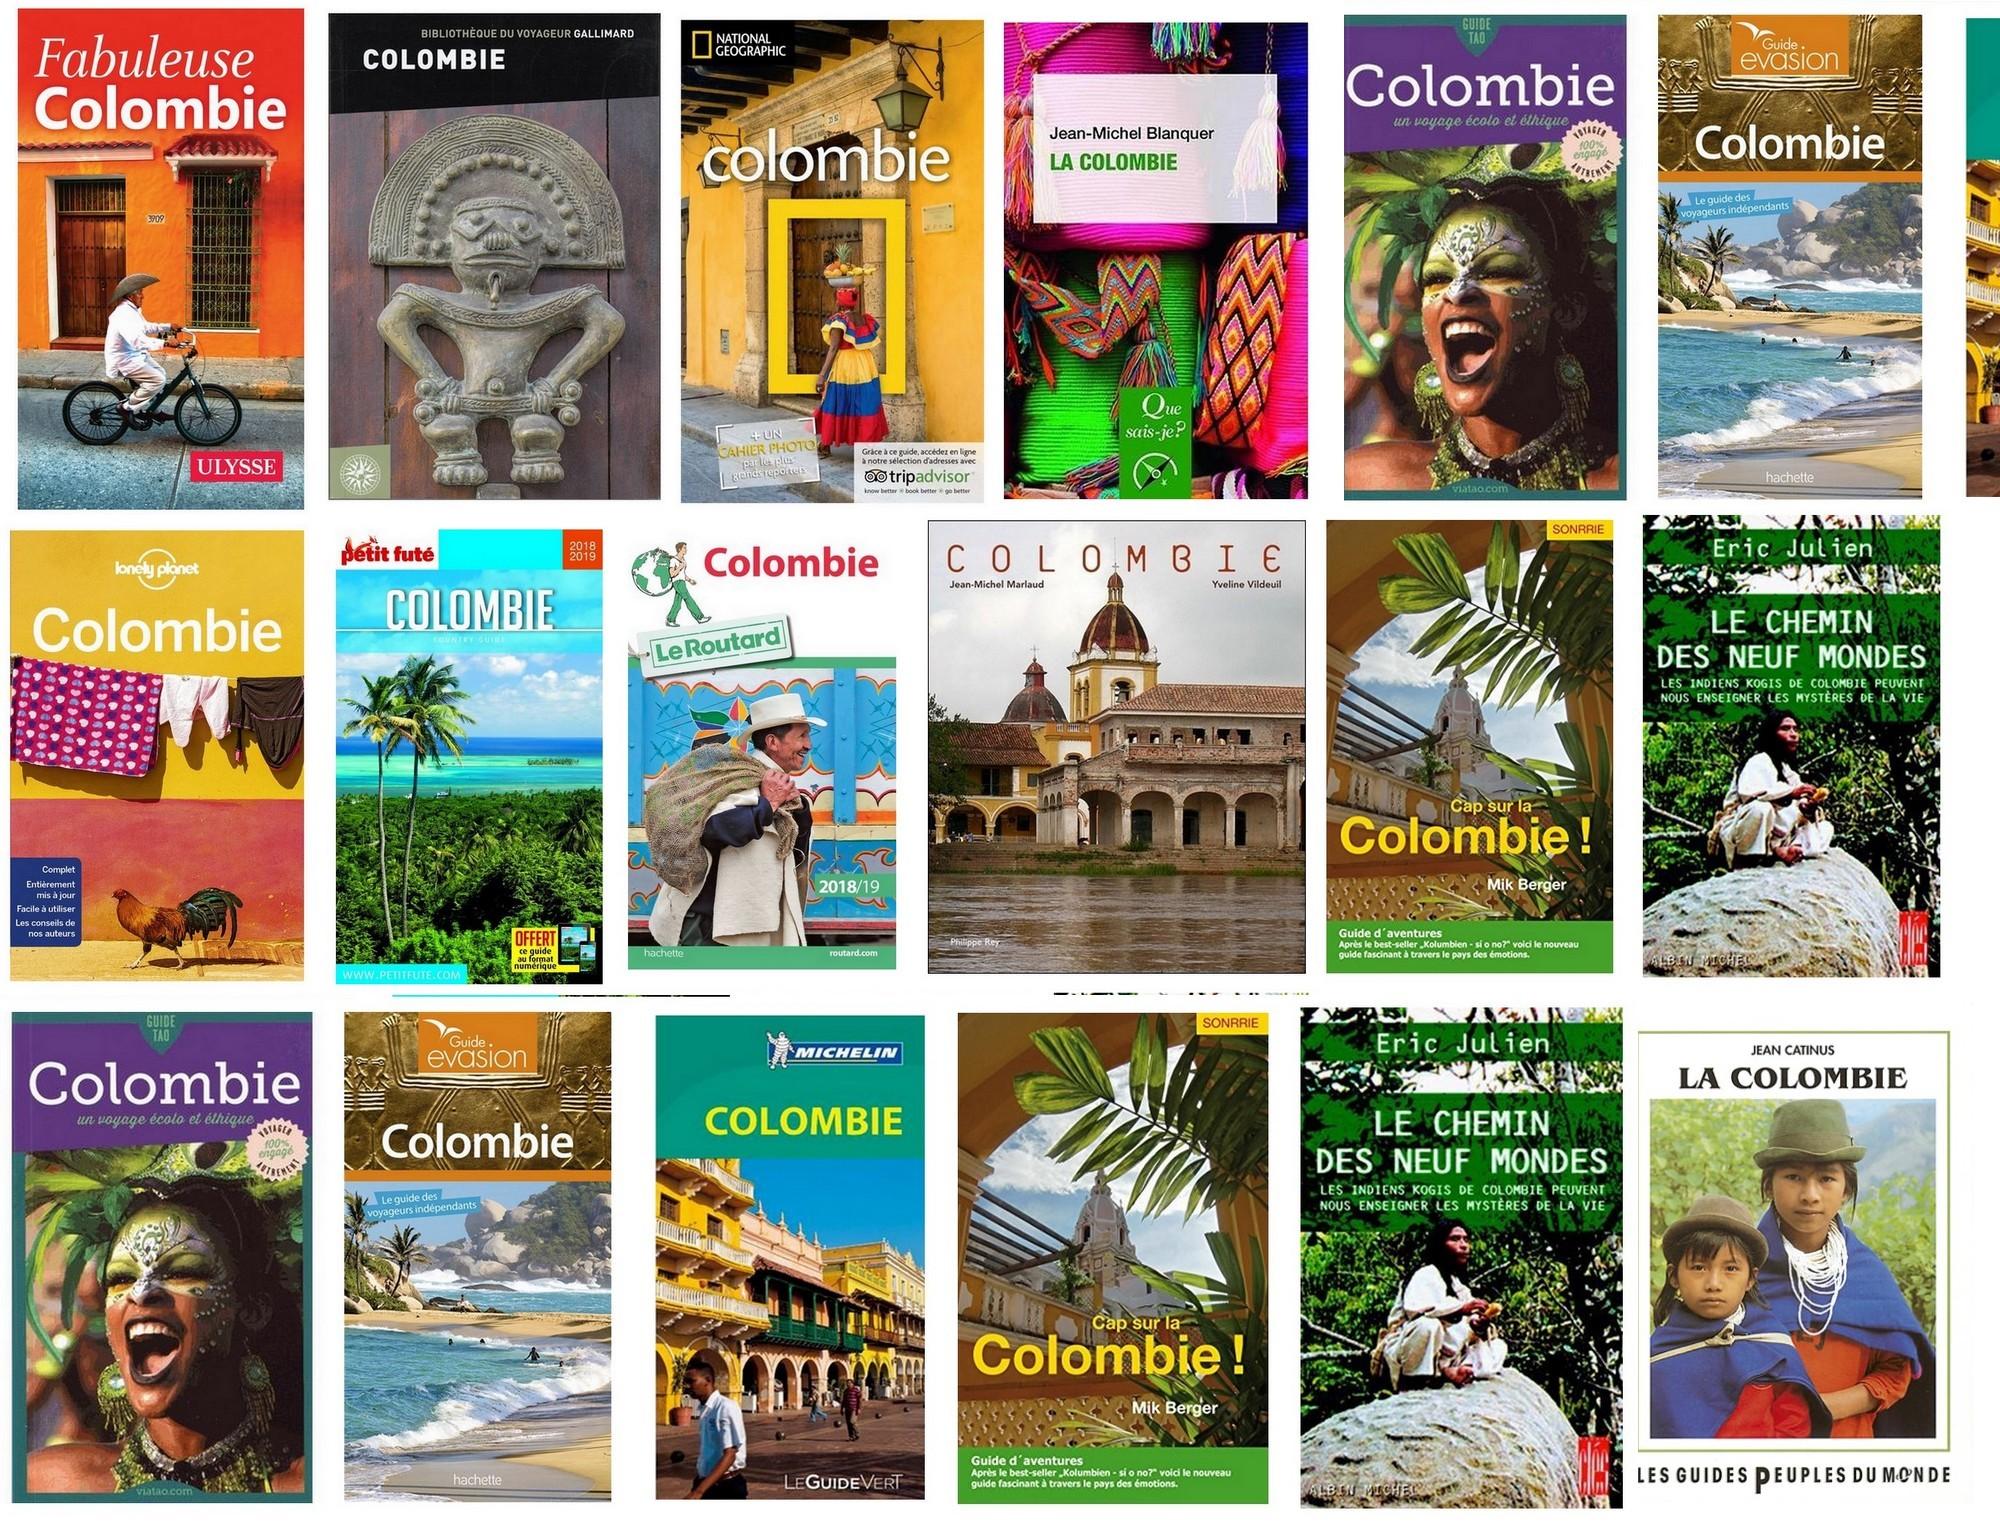 Colombie, quel guide de voyage choisir?